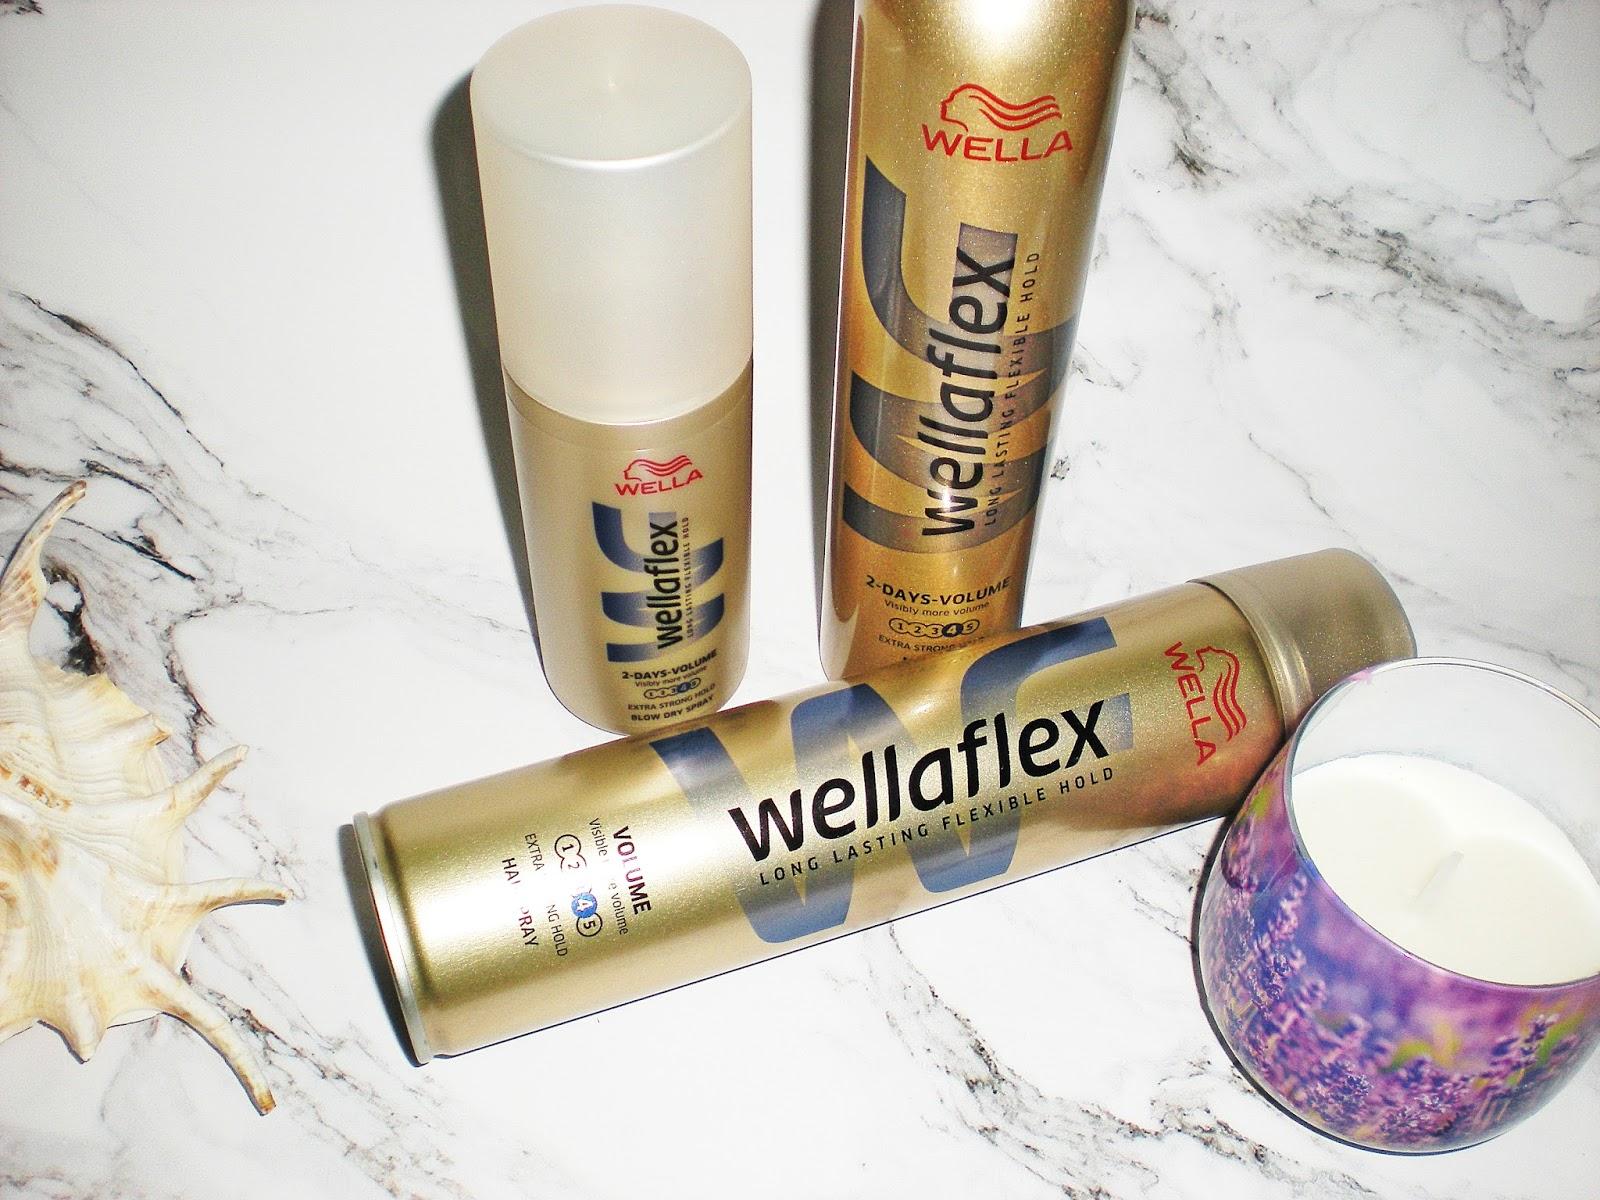 Anqelique Wellflax Lakier Pianka Oraz Spray Do Stylizacji